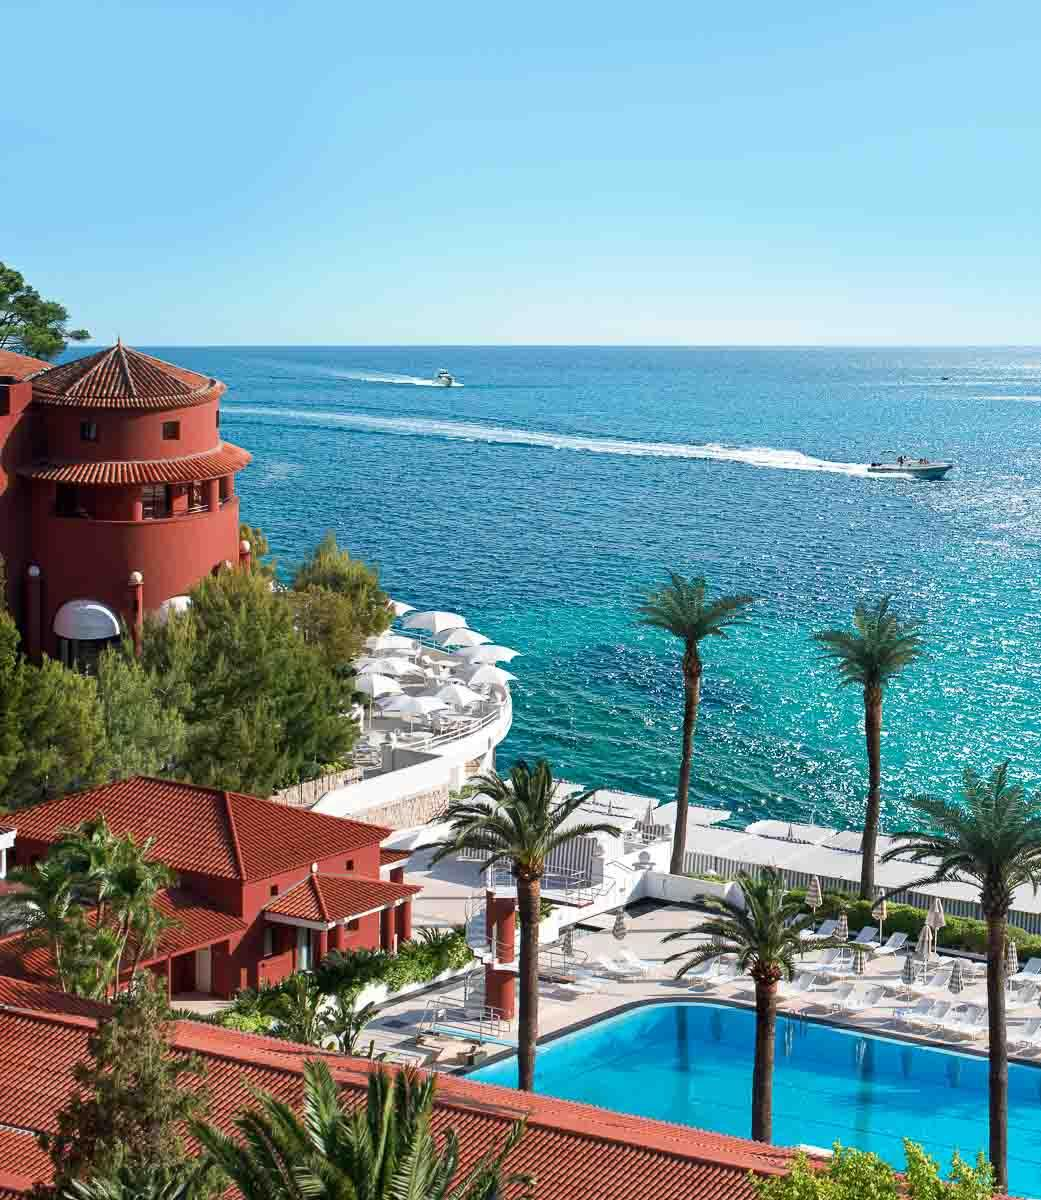 La piscine olympique du Monte-Carlo Beach, au bord de l'eau © SBM Monaco